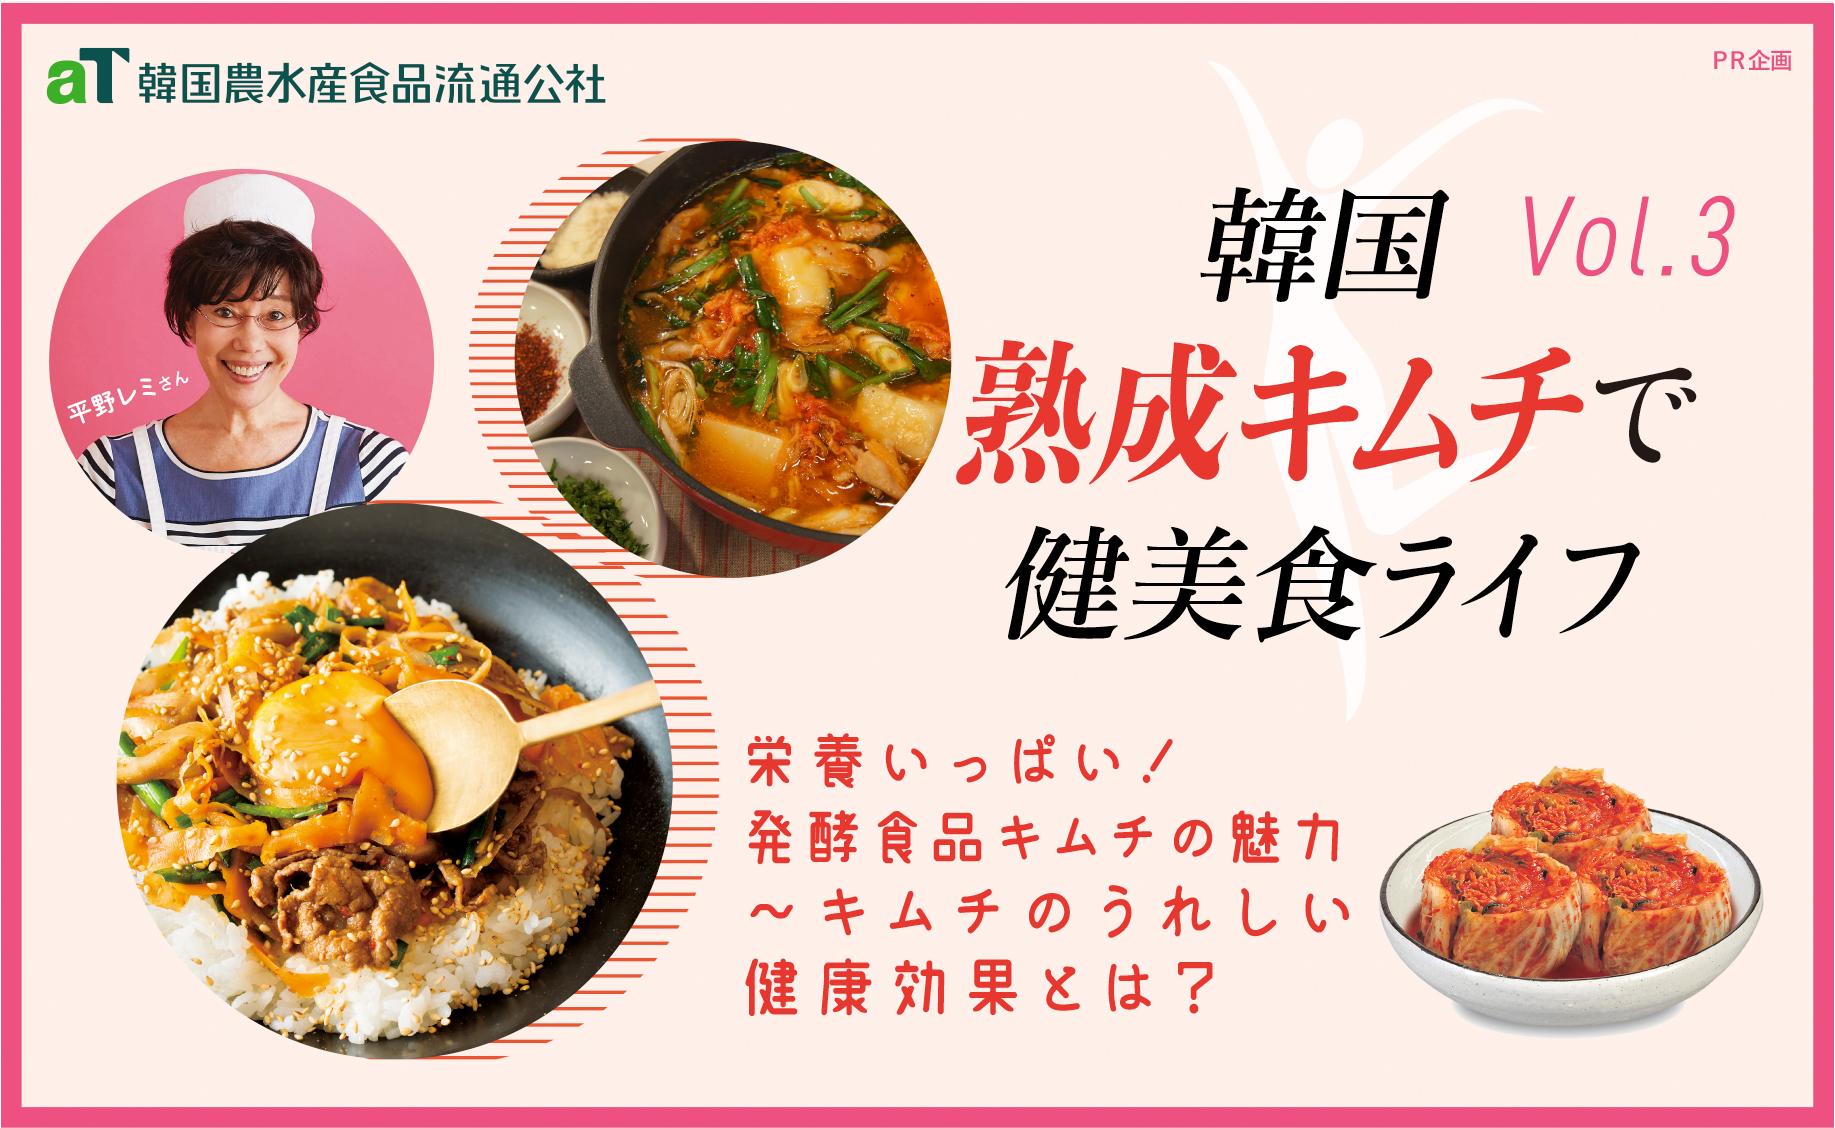 韓国 熟成キムチで 健美食ライフ Vol.3 栄養いっぱい! 発酵食品キムチの魅力 ~ キムチのうれしい 健康効果とは?